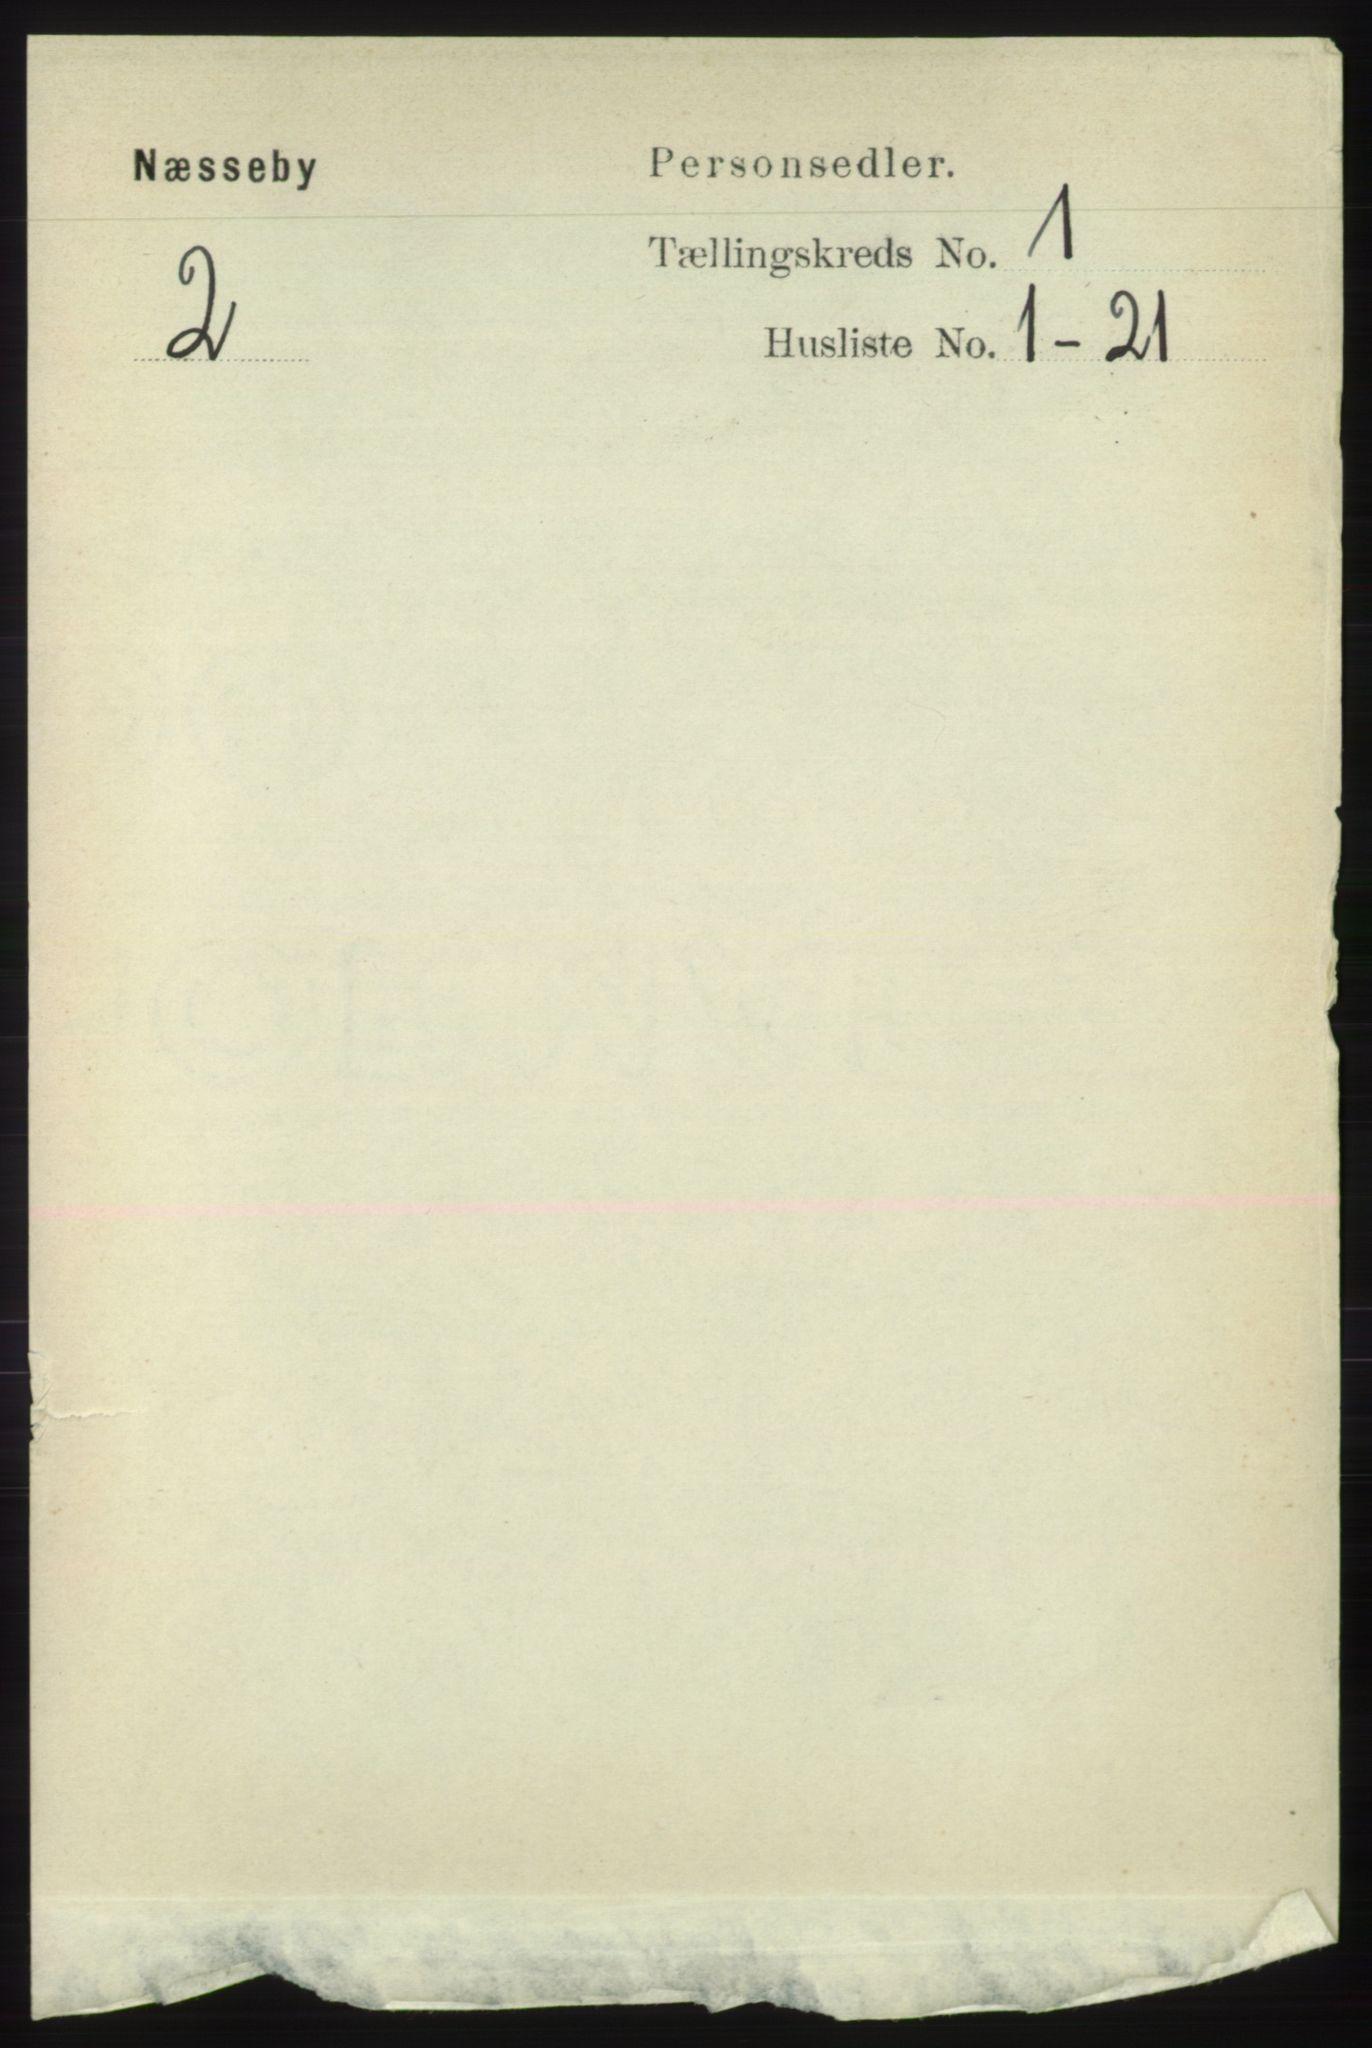 RA, Folketelling 1891 for 2027 Nesseby herred, 1891, s. 104